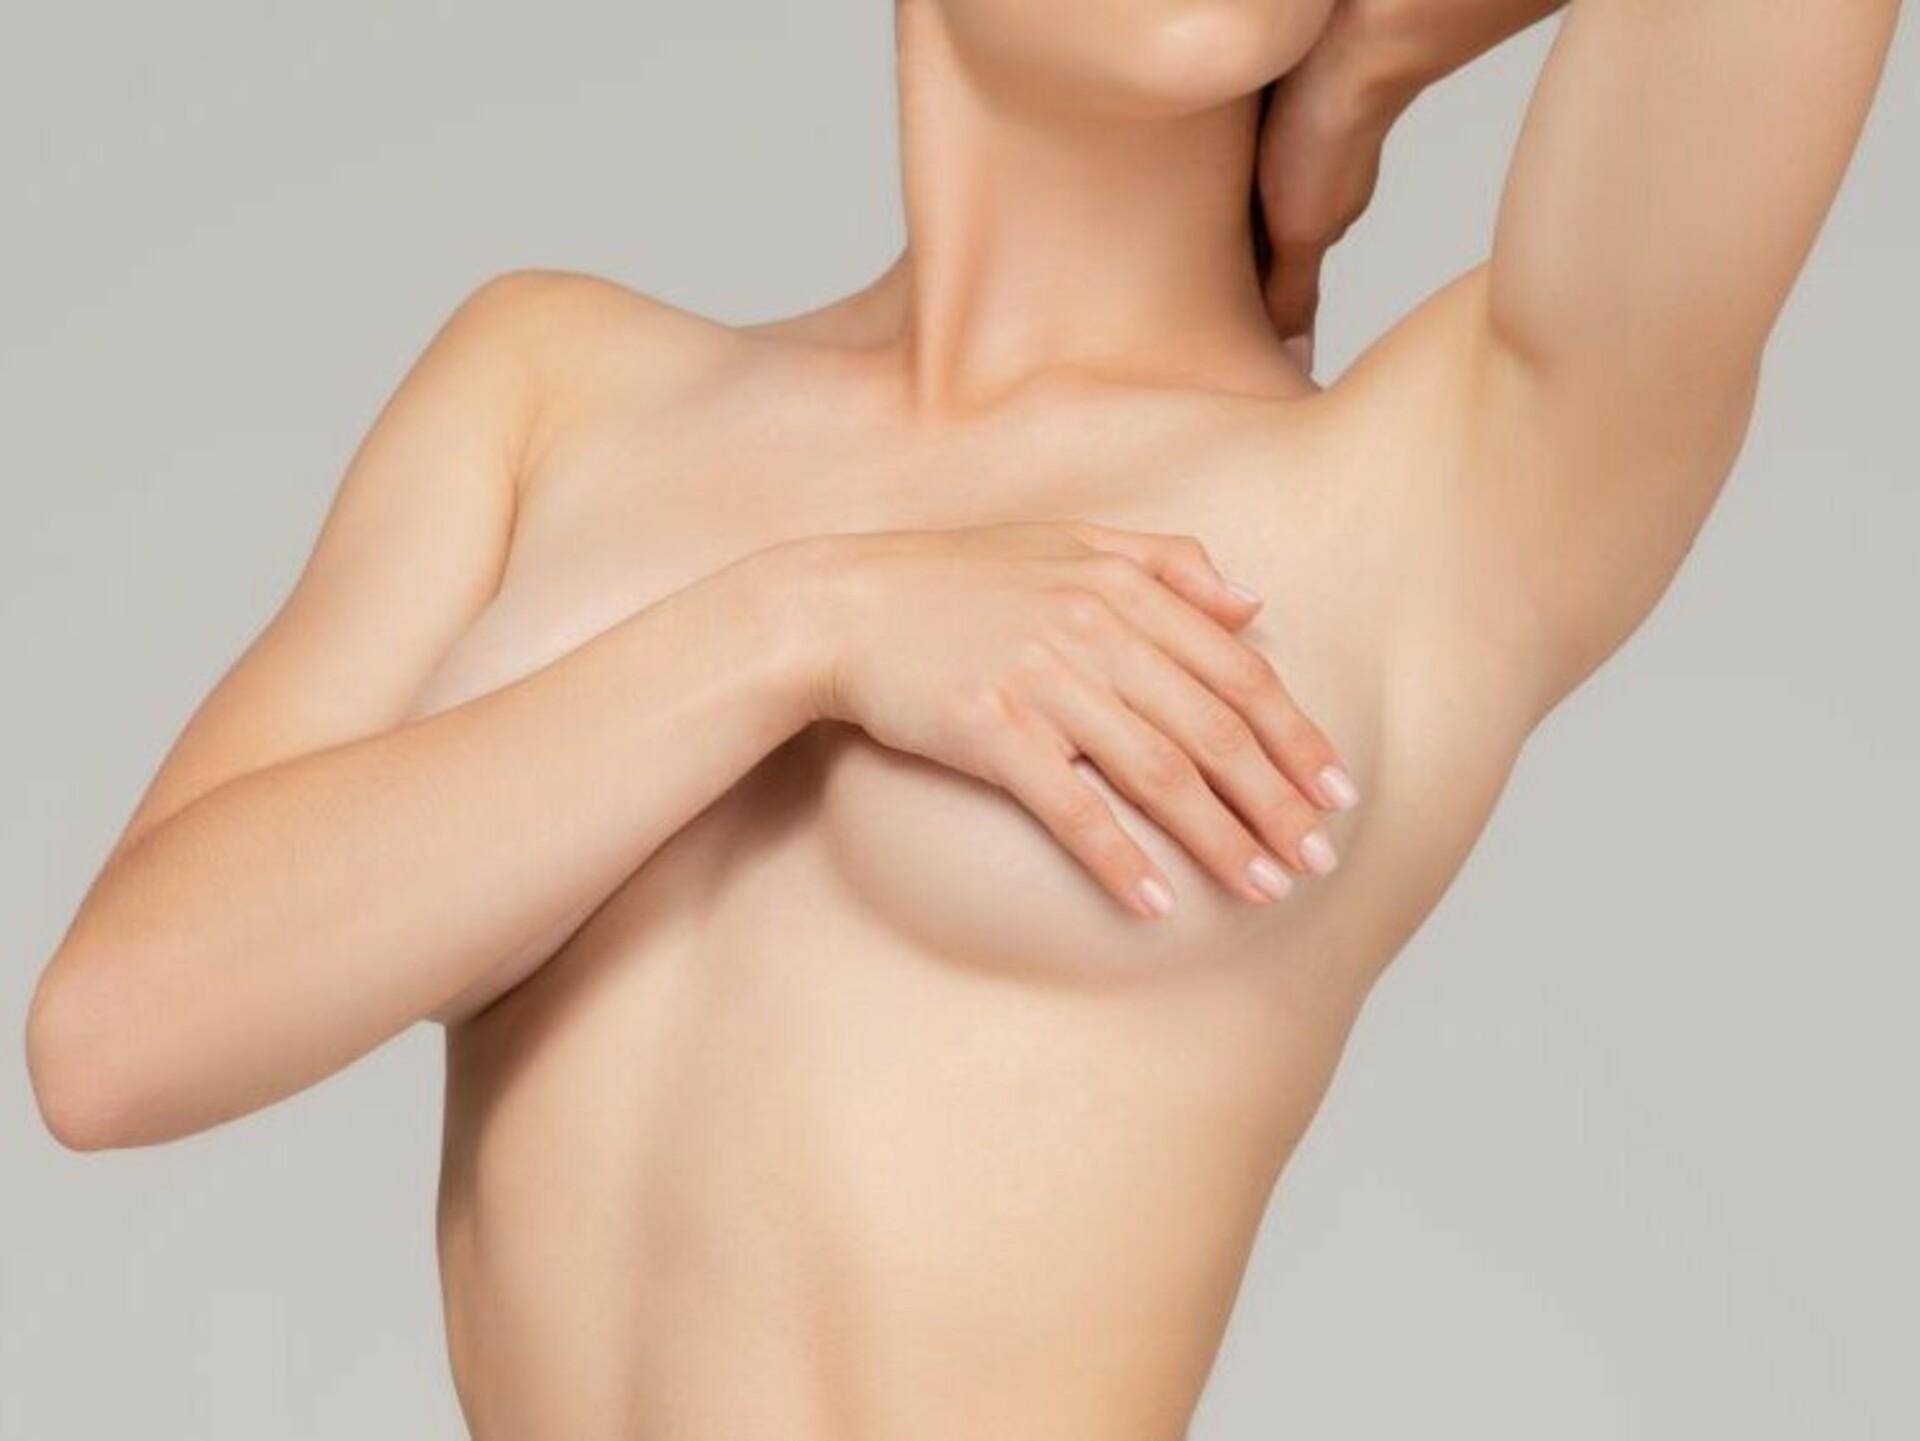 Brustverkleinerung: Frau verdeckt Brüste